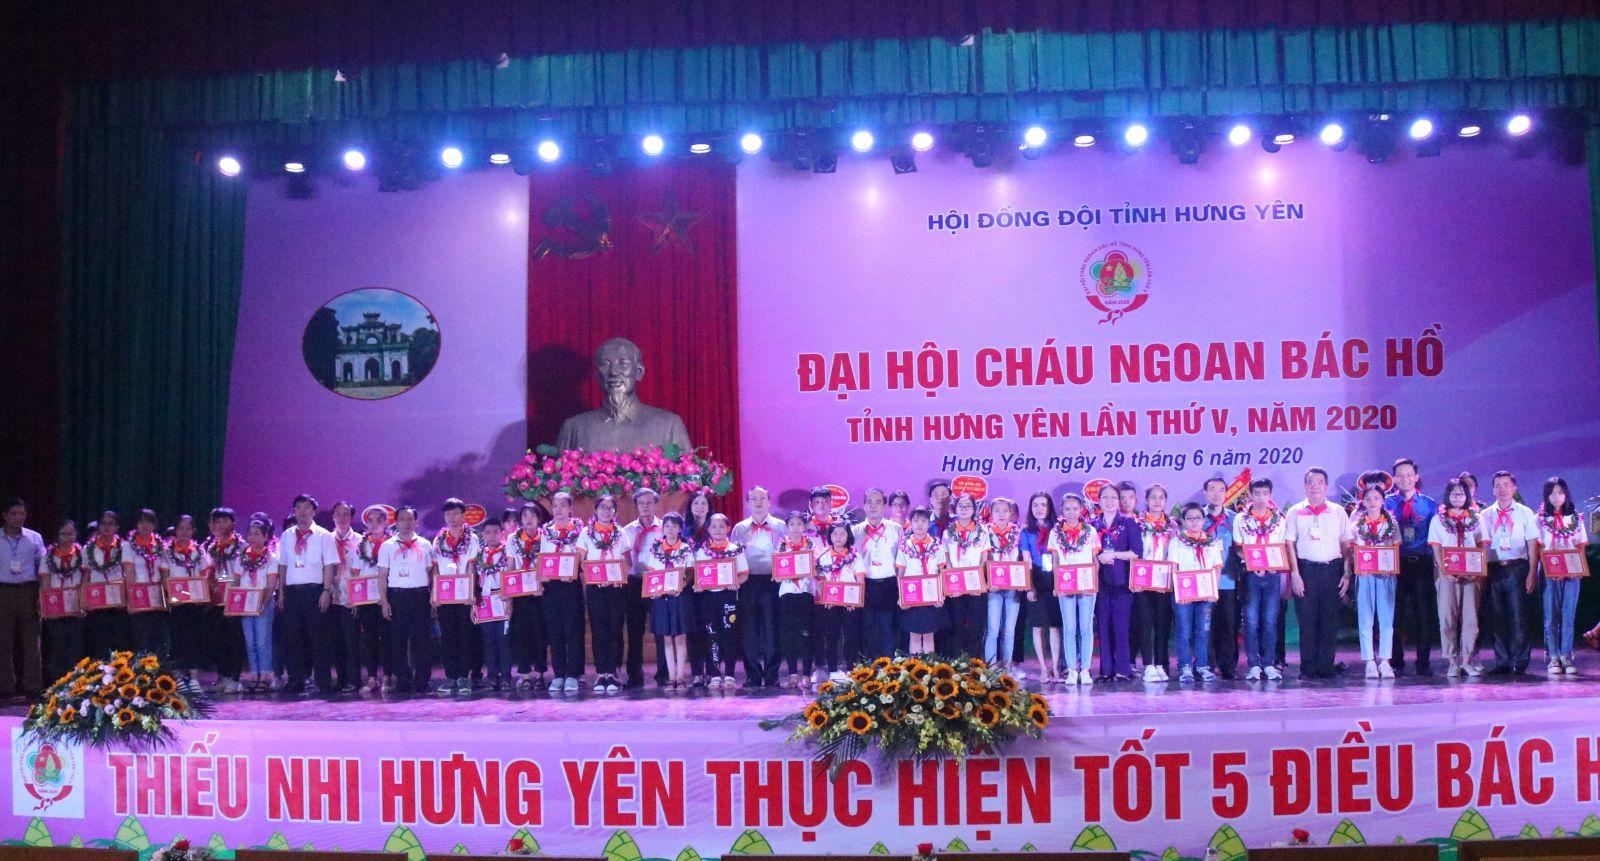 Hội đồng Đội tỉnh Hưng Yên: Đại hội Cháu ngoan Bác Hồ tỉnh Hưng Yên lần thứ V - năm 2020